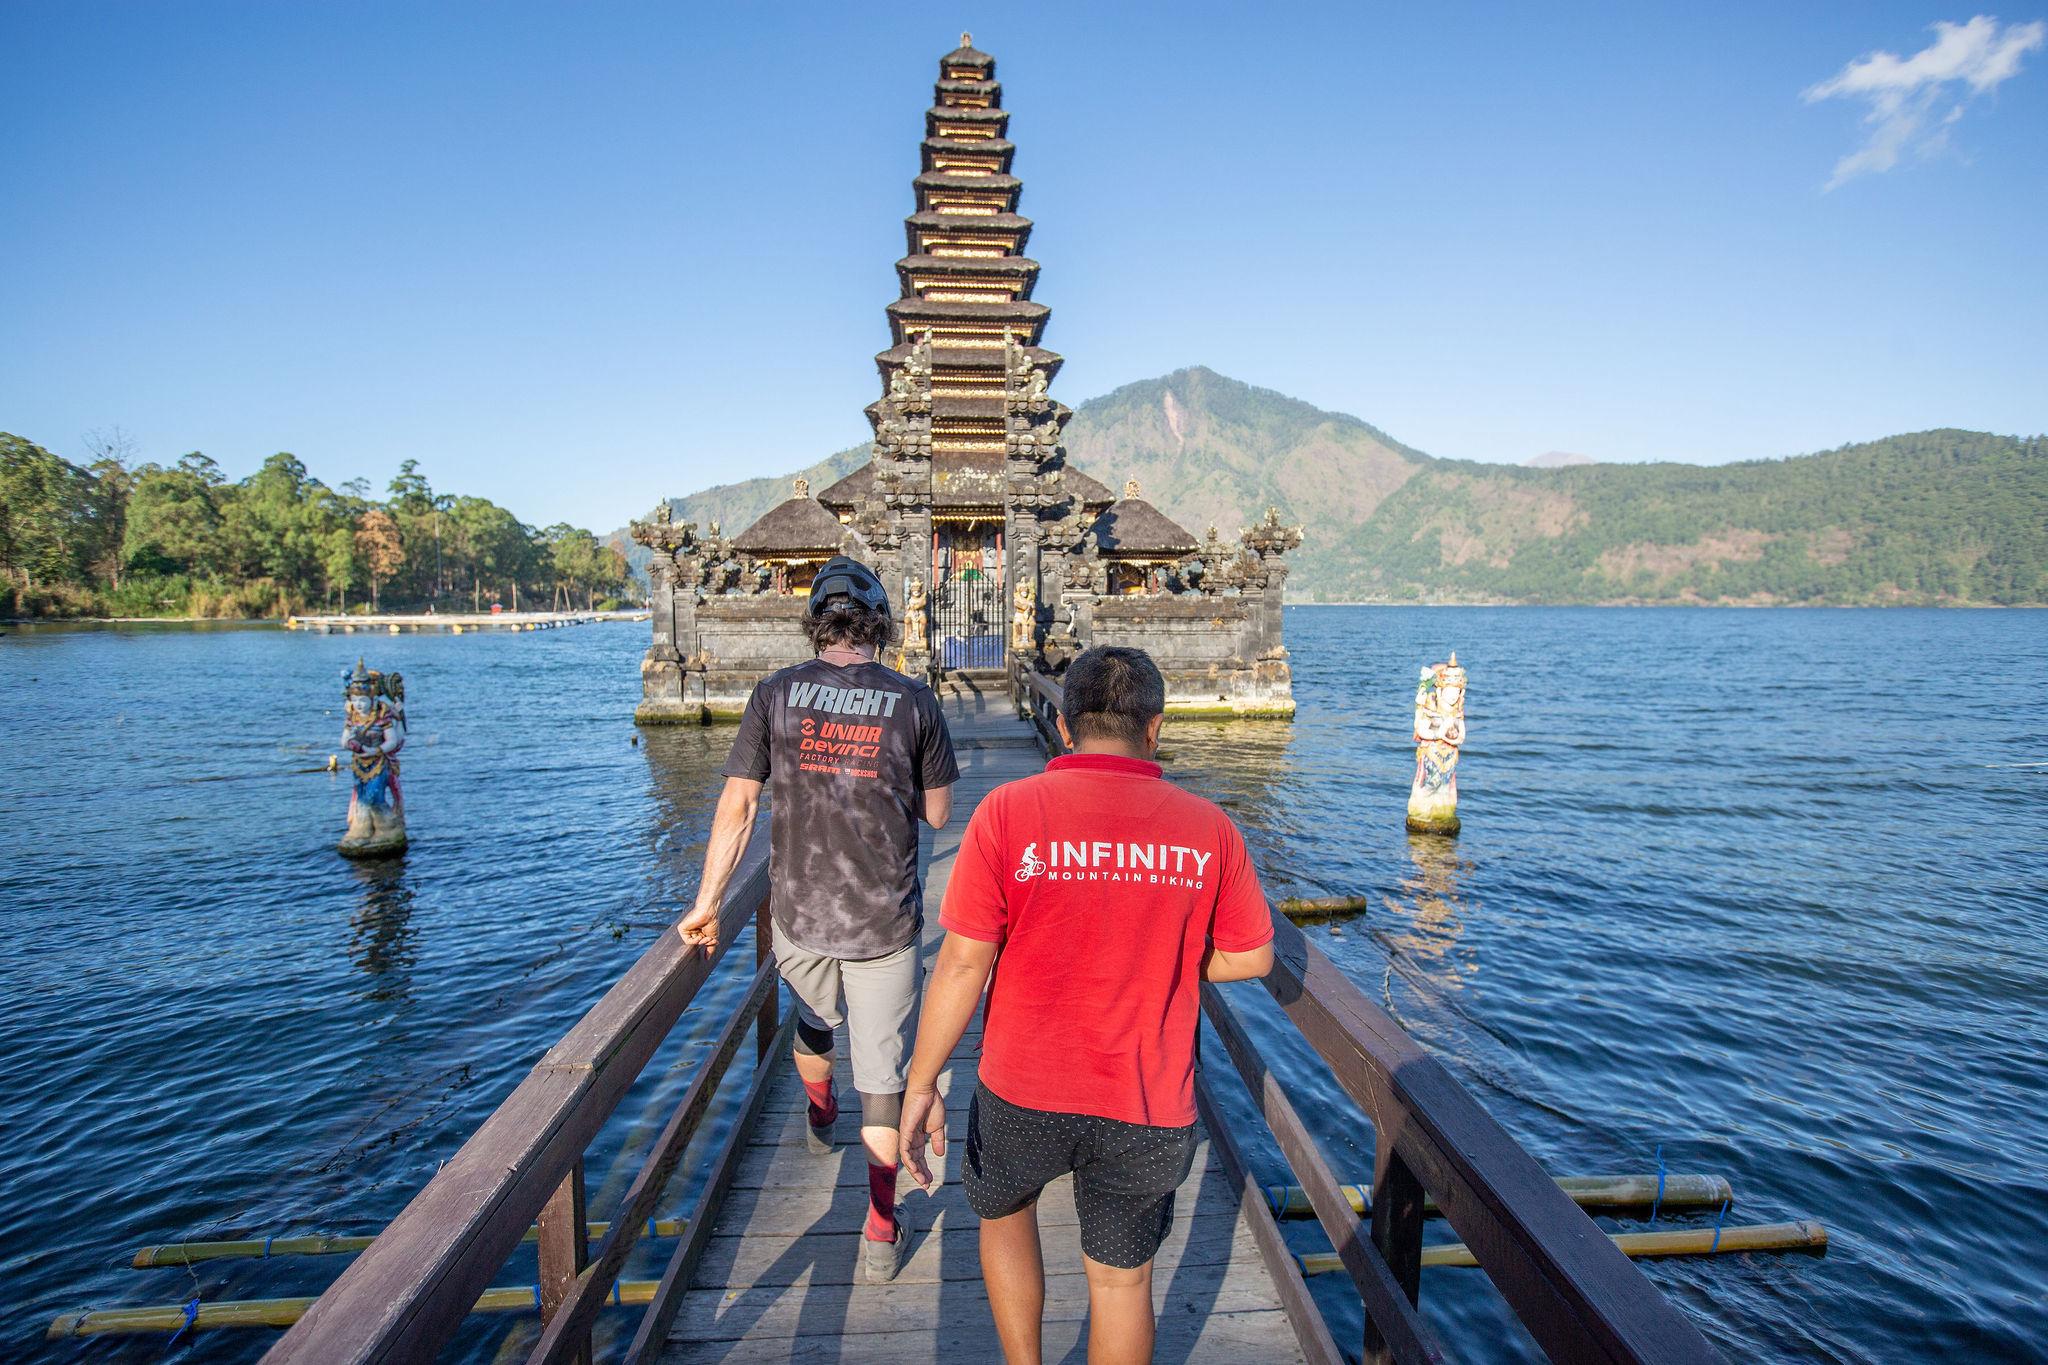 TheWrightLine-Bali-Stills-57-2048x1365-ecb5213a-29c5-4ab6-b23a-78293e373ea5.jpg